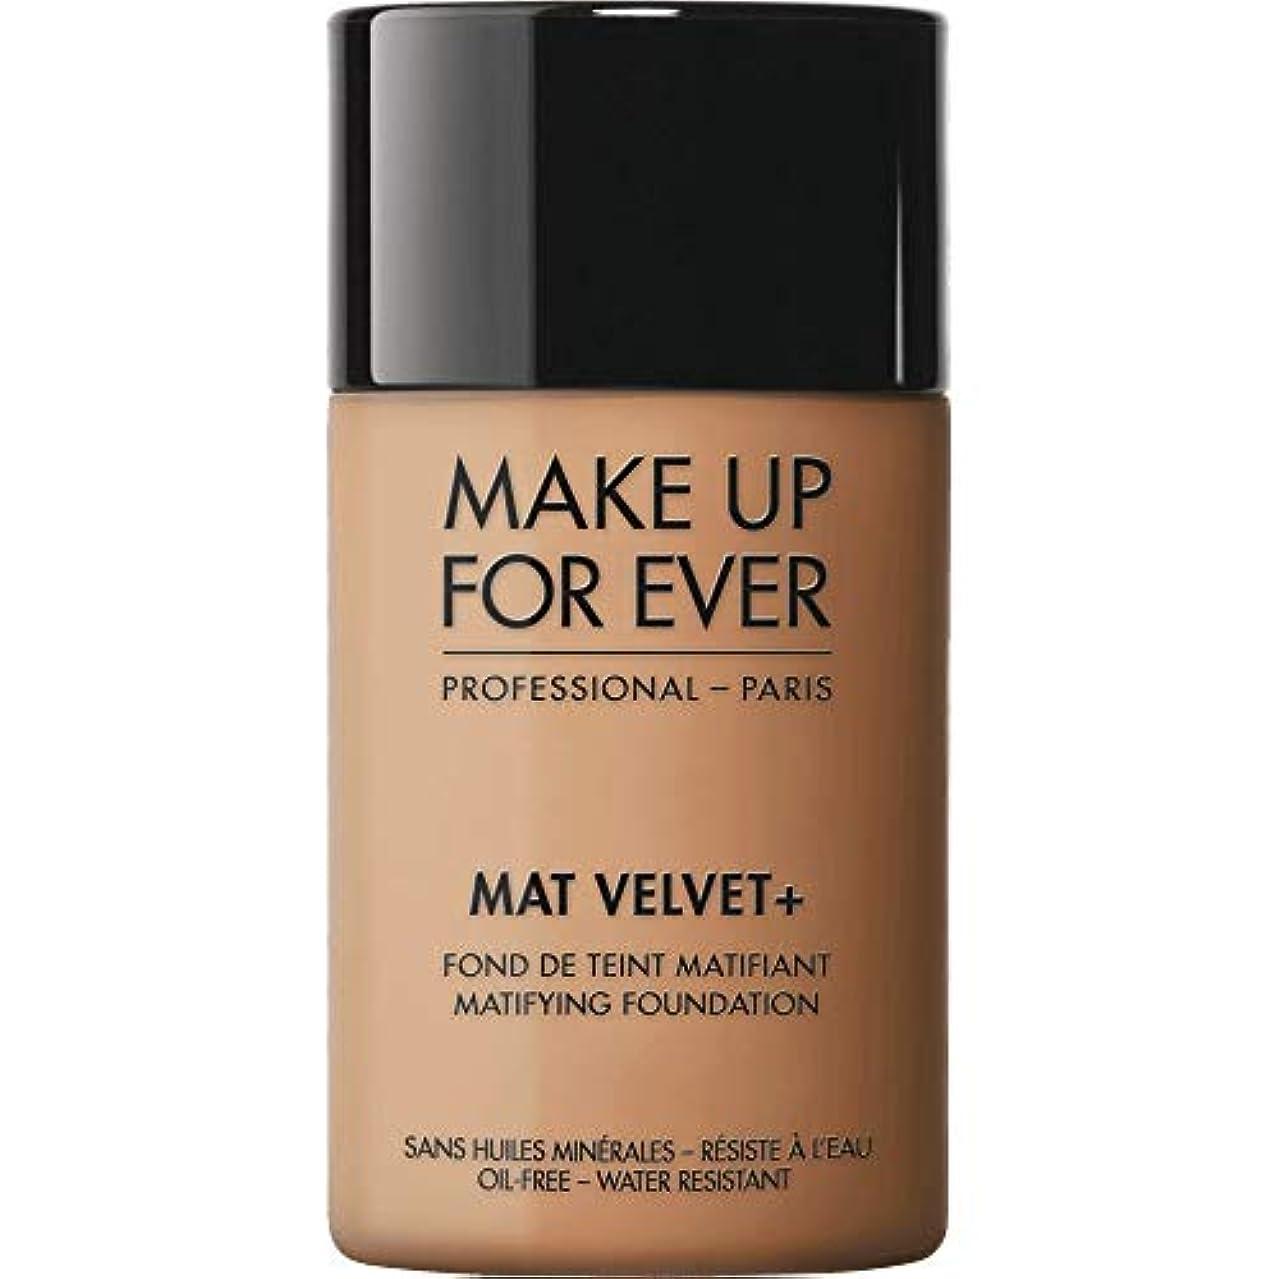 敬意タフ用量[MAKE UP FOR EVER ] 暖かい琥珀 - これまでマットベルベット+マティファイングの基礎30ミリリットル67を補います - MAKE UP FOR EVER Mat Velvet+ Matifying Foundation...